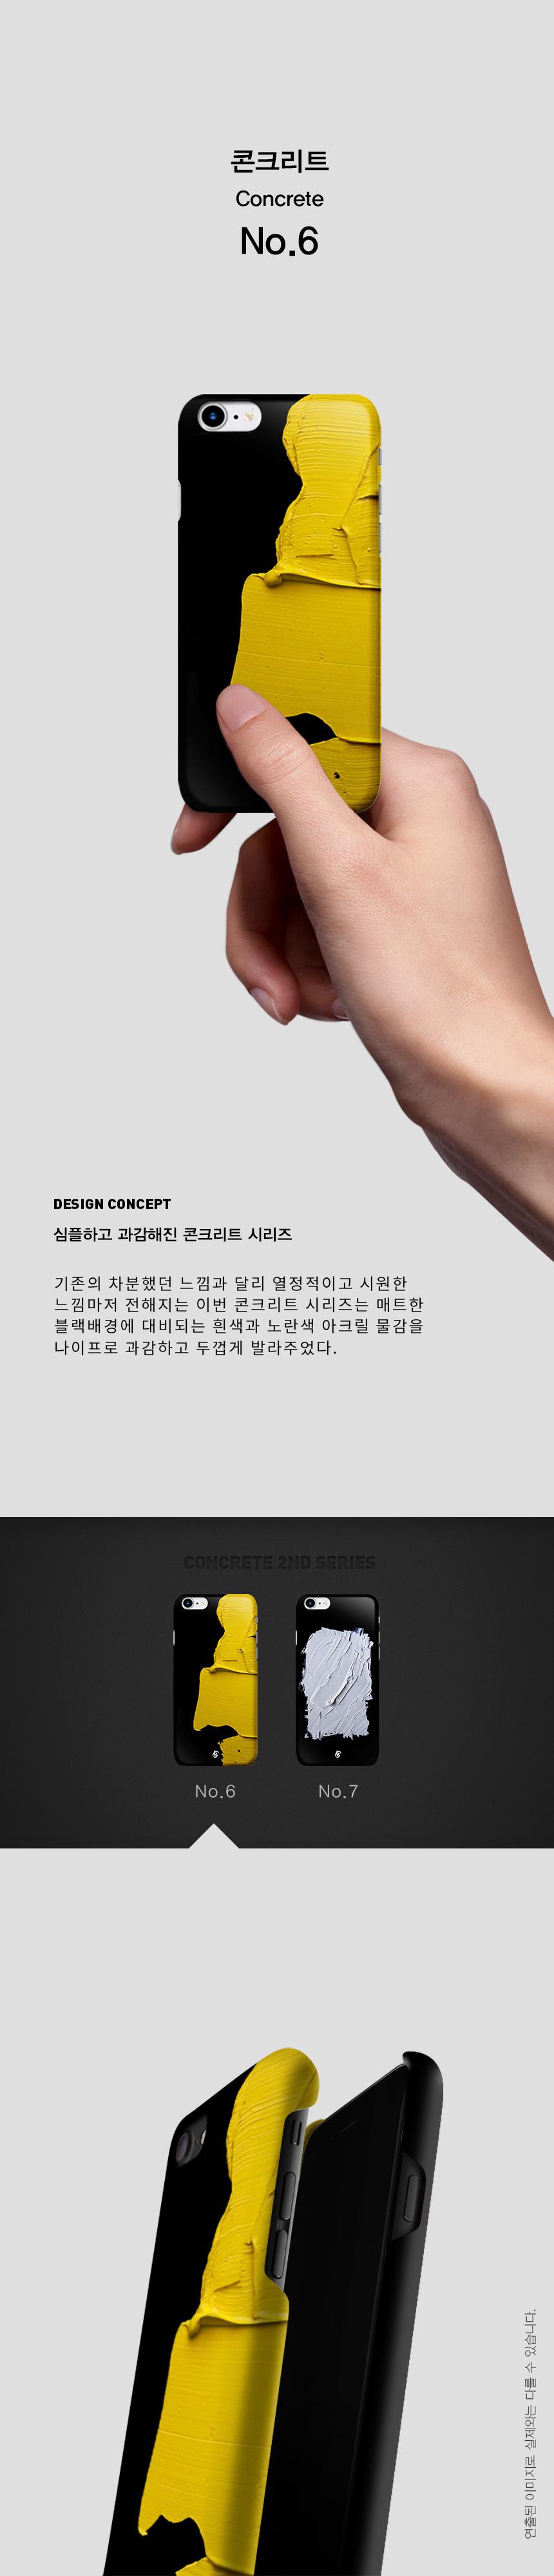 기키(GEEKY) phone case concrete no.6